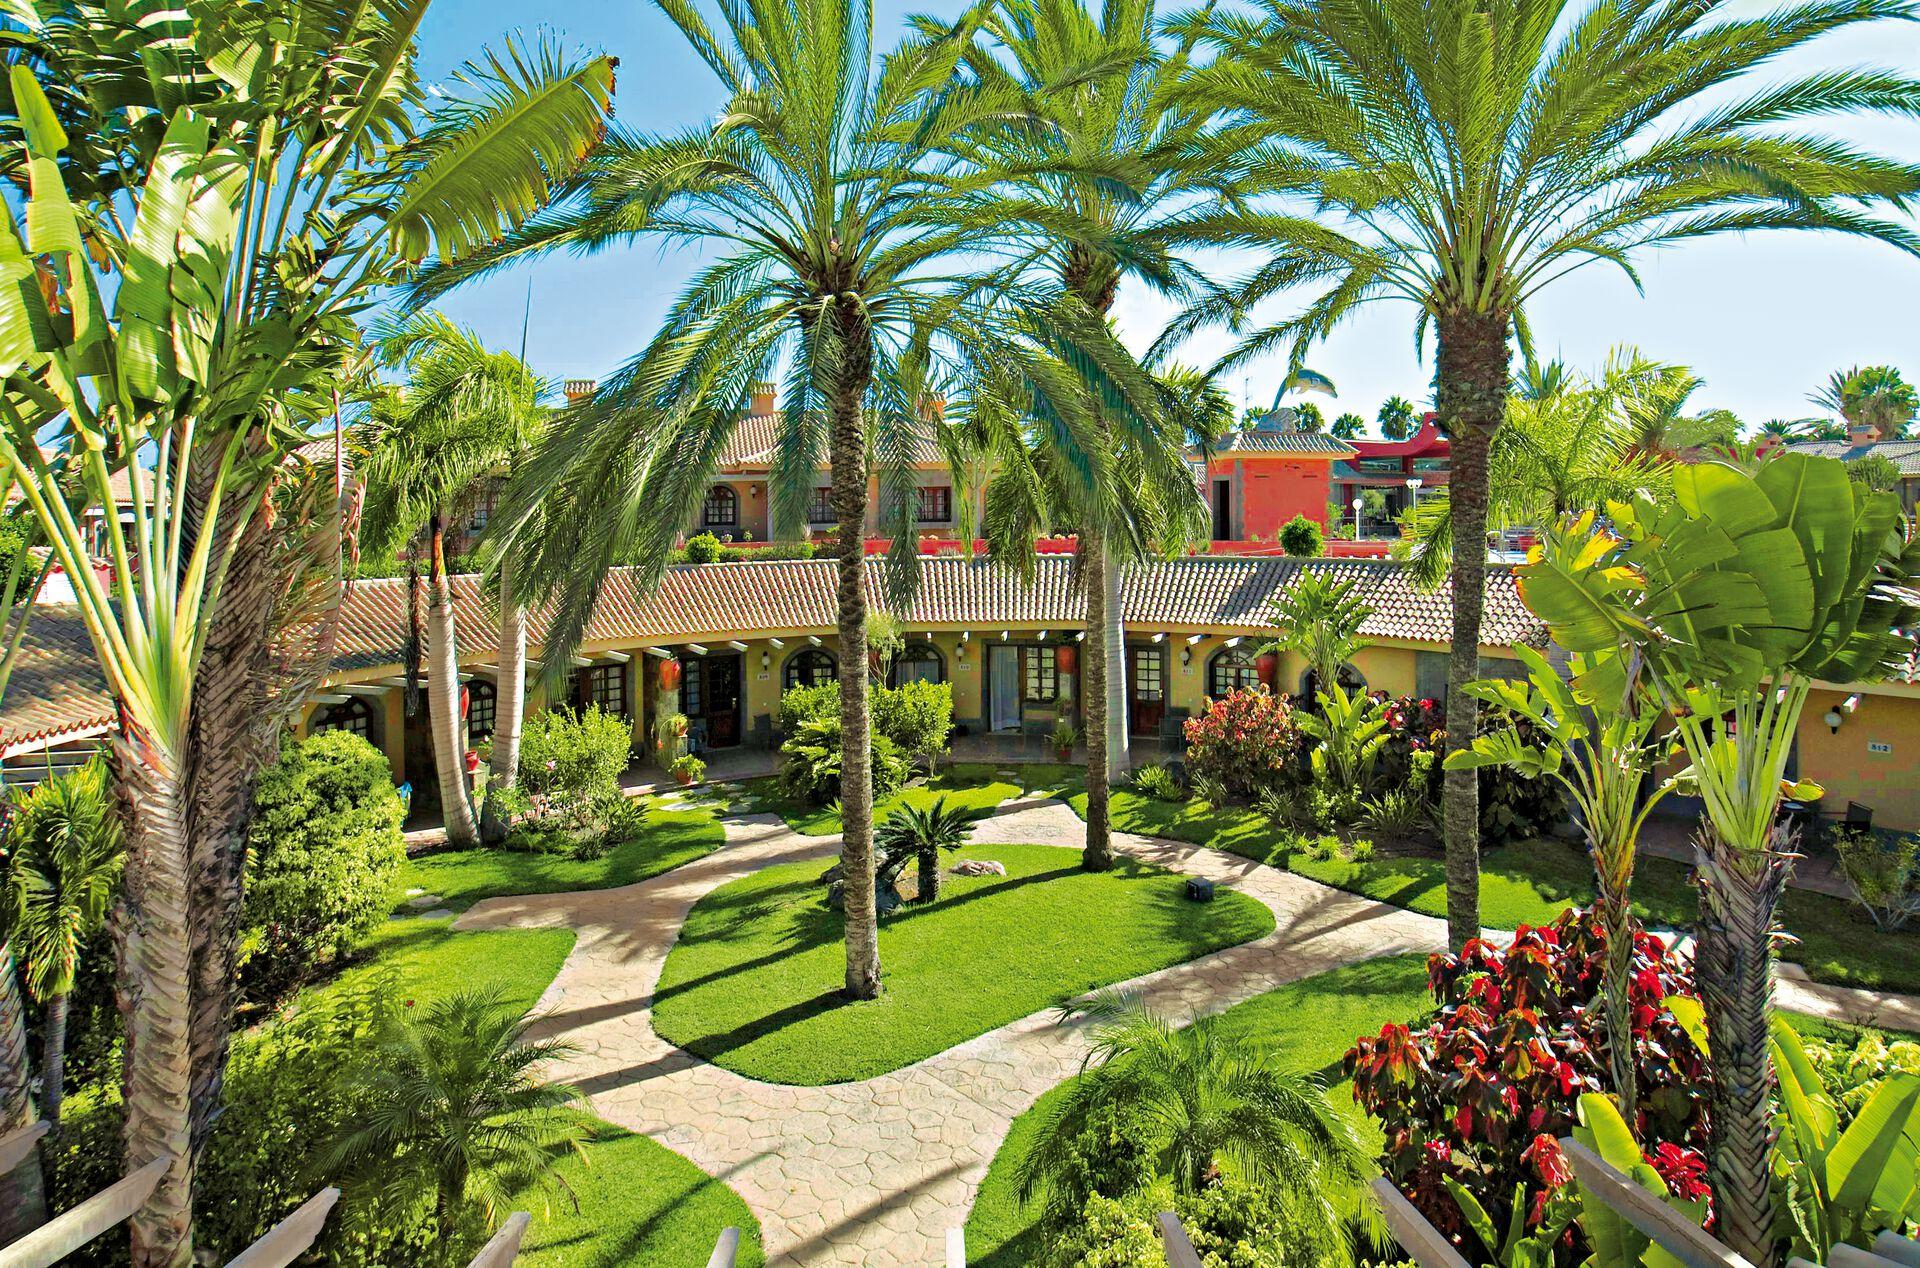 Séjour Las Palmas - Suites & Villas by Dunas - 4*